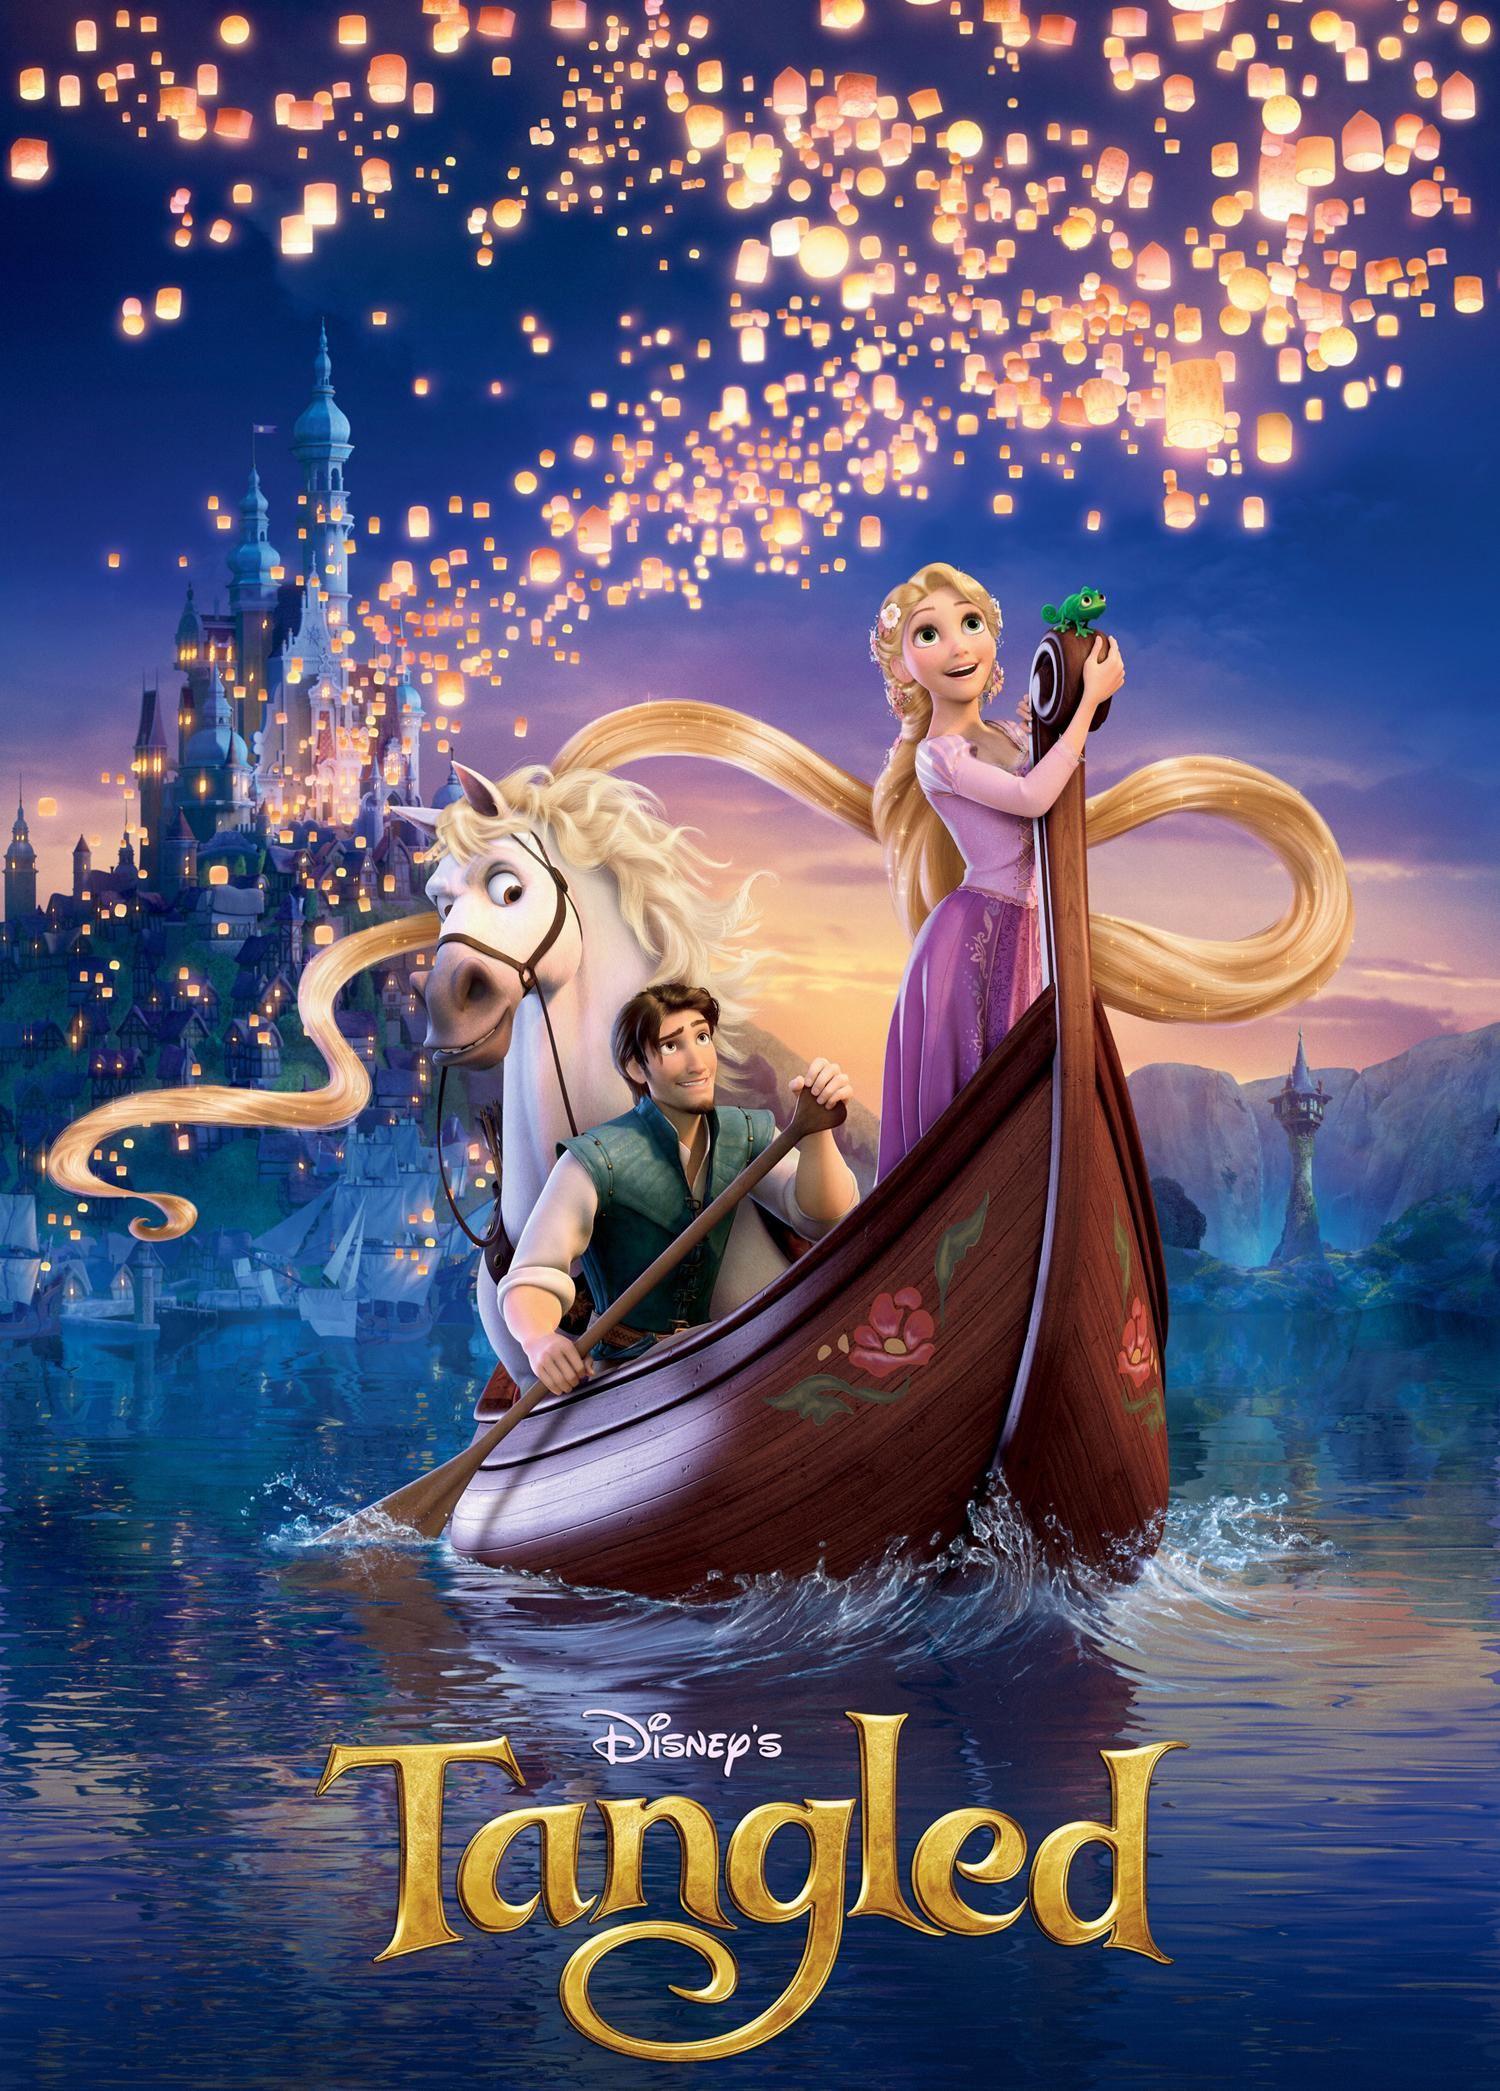 disney翻拍真人版「长发公主」《魔发奇缘》!谁将出演长发公主?❤️